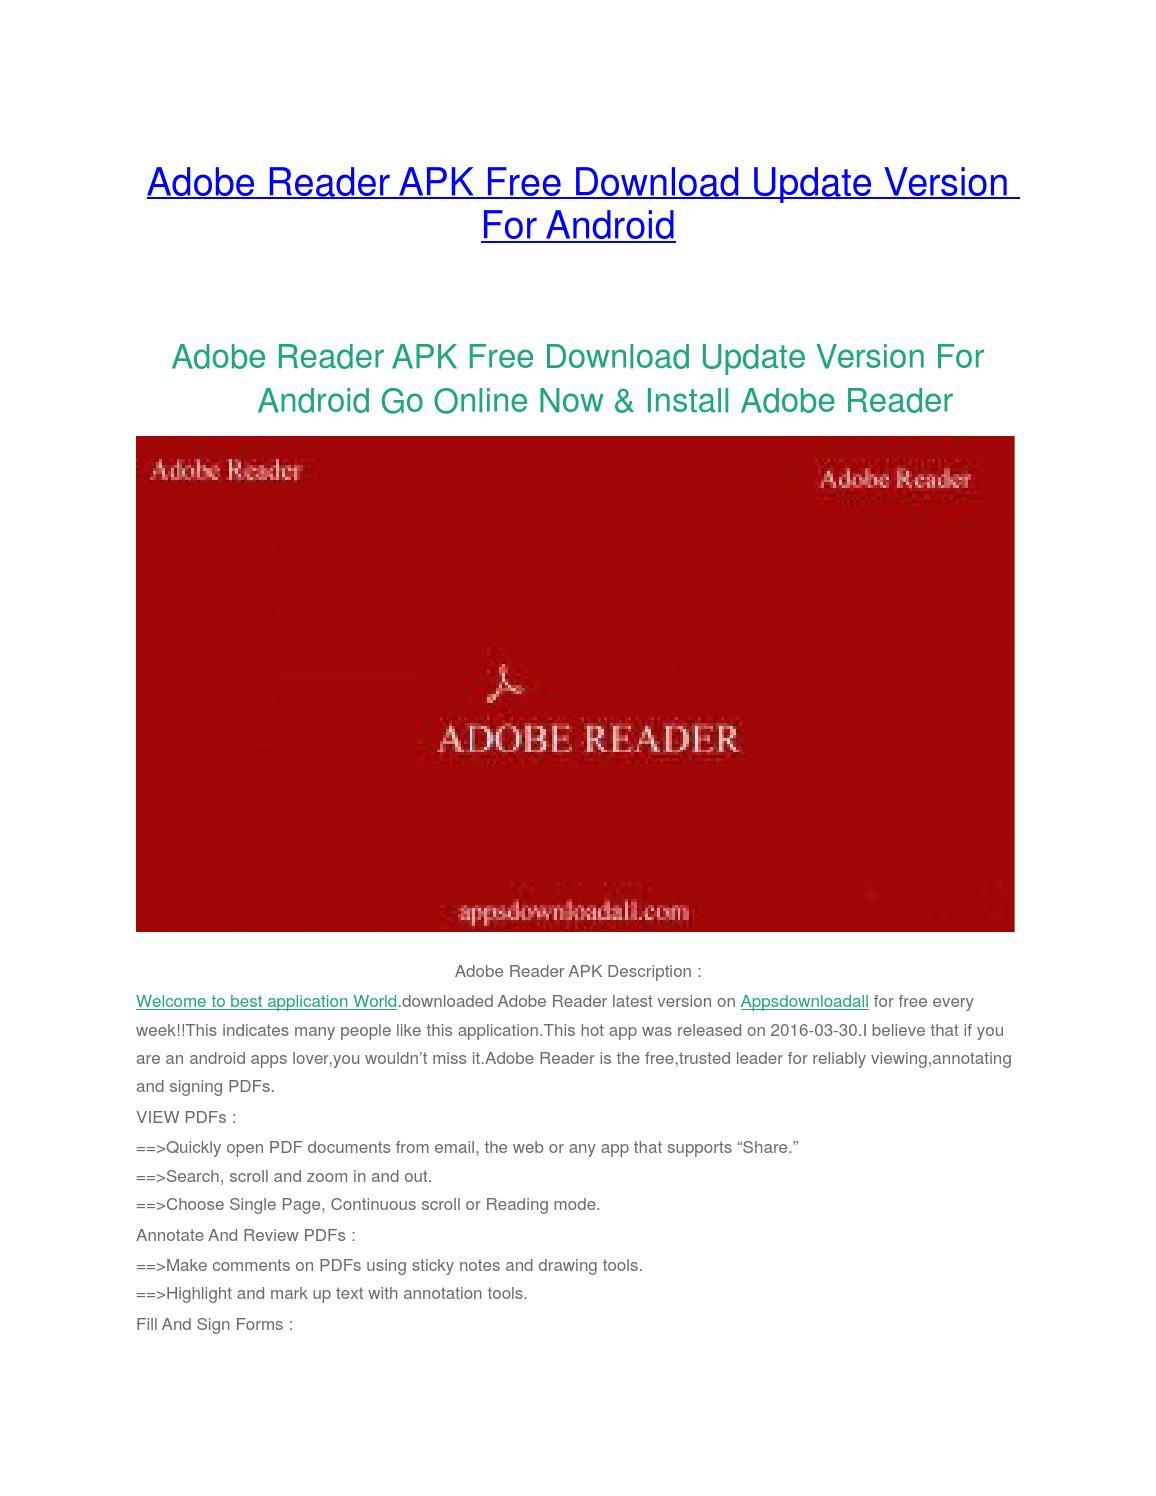 Adobe Photos Apk